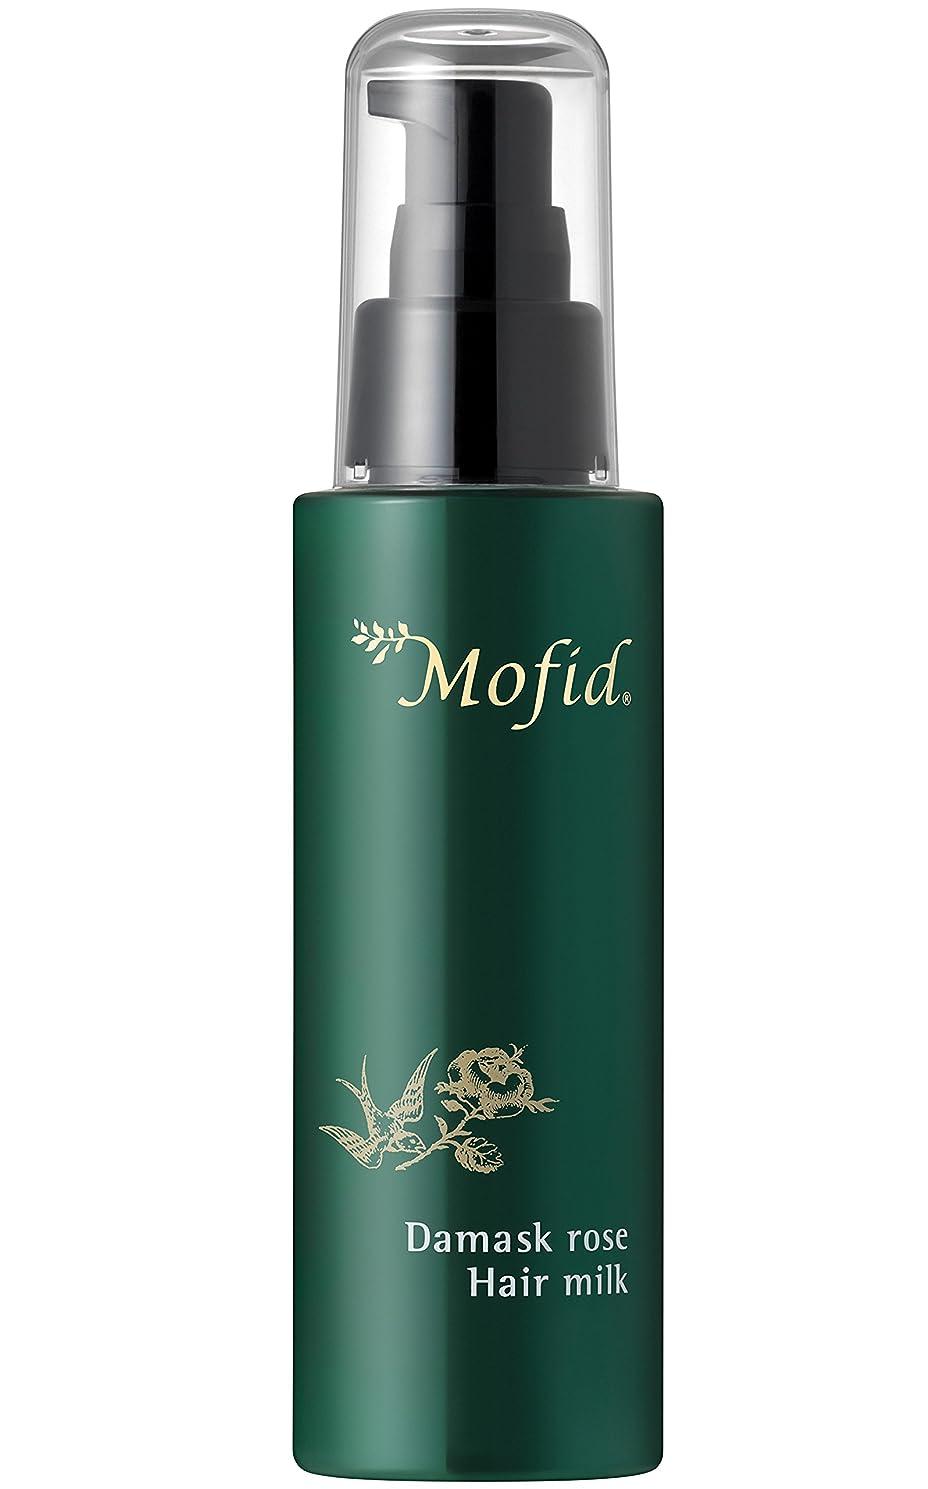 衝動最初にテロリスト日本製 オーガニック ヘアミルク 100ml 【ハラル Halal 認証】 モフィード Mofid Damask Rose Hair Milk